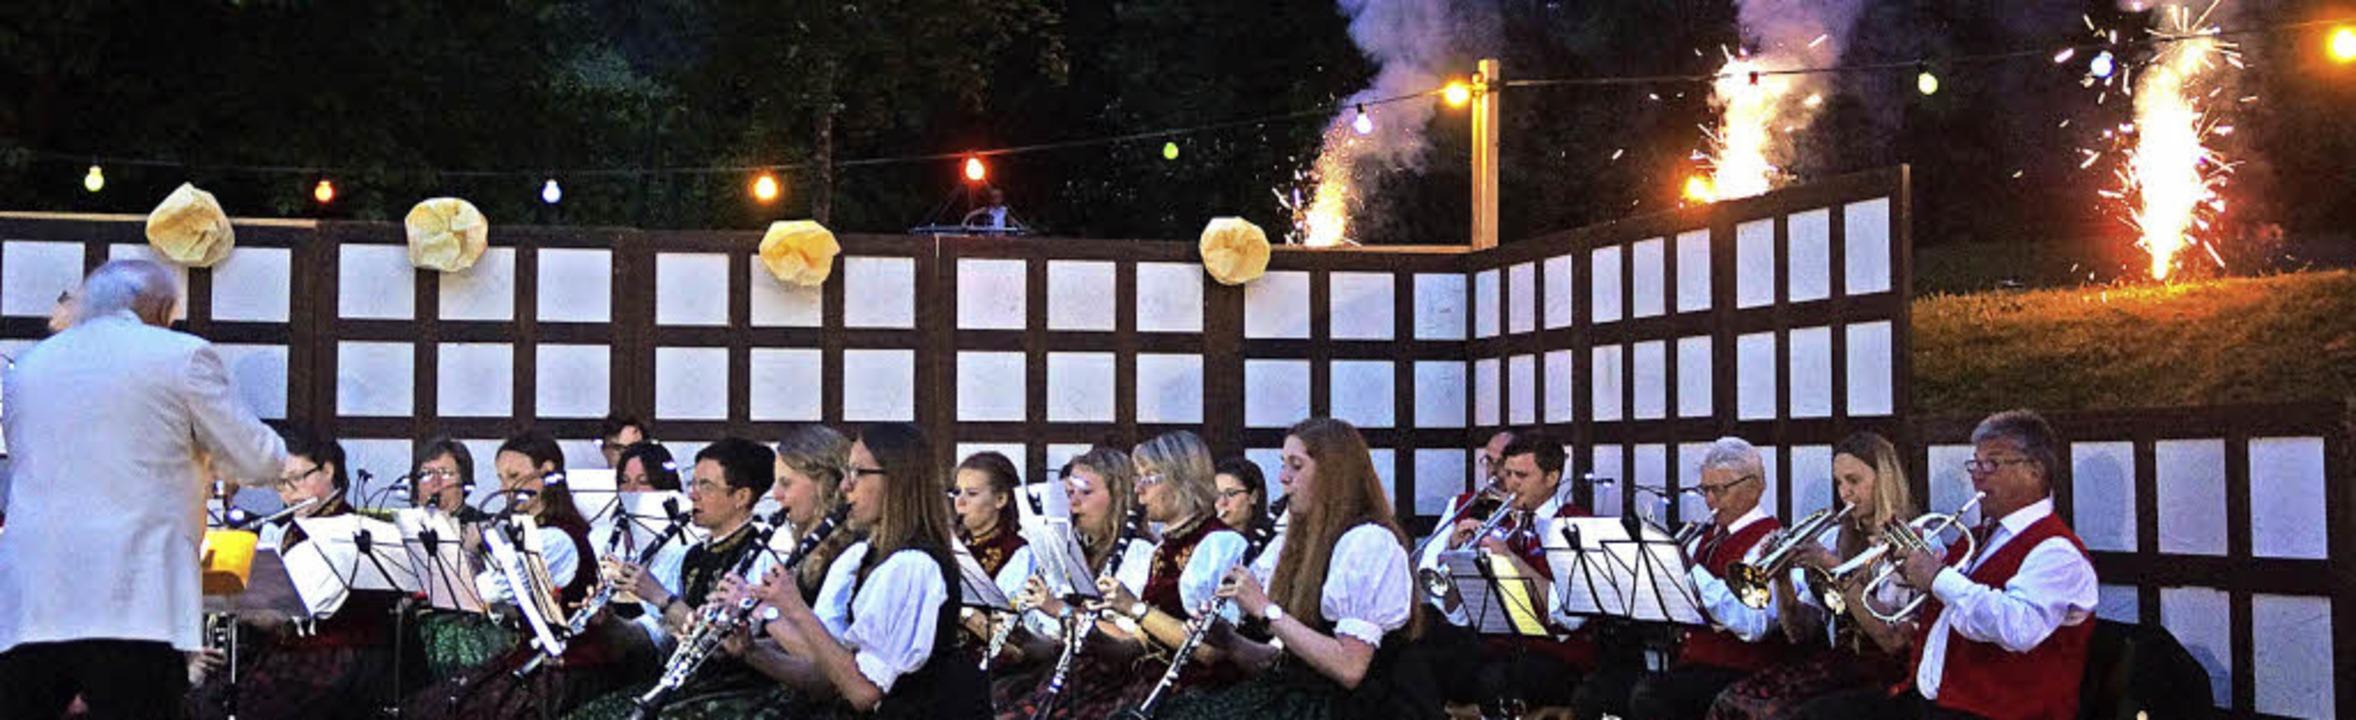 Zum Abschluss des Serenadenkonzerts  d...em Himmel gab es sogar ein Feuerwerk.   | Foto: Verena Wehrle